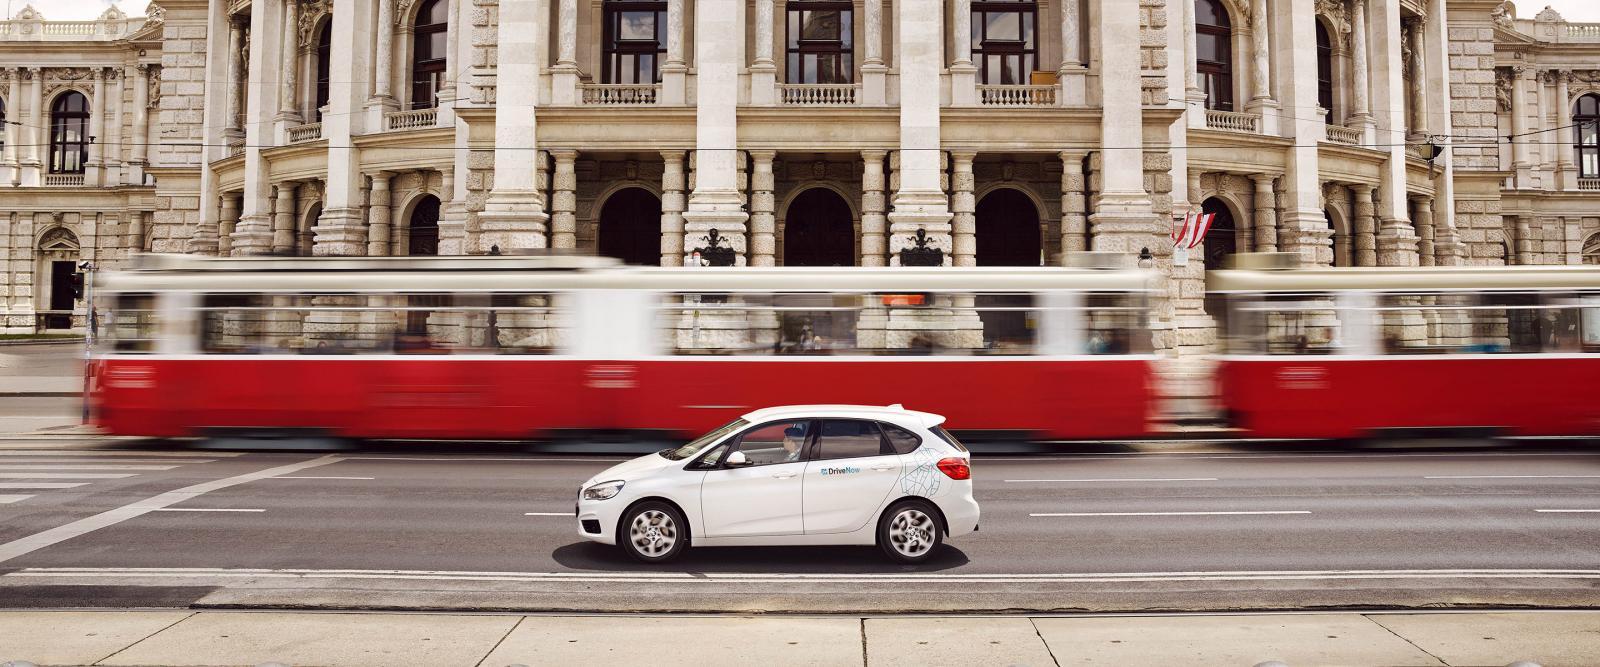 drivenow-carsharing-wien-internationale-fuhrerschein-regelungen